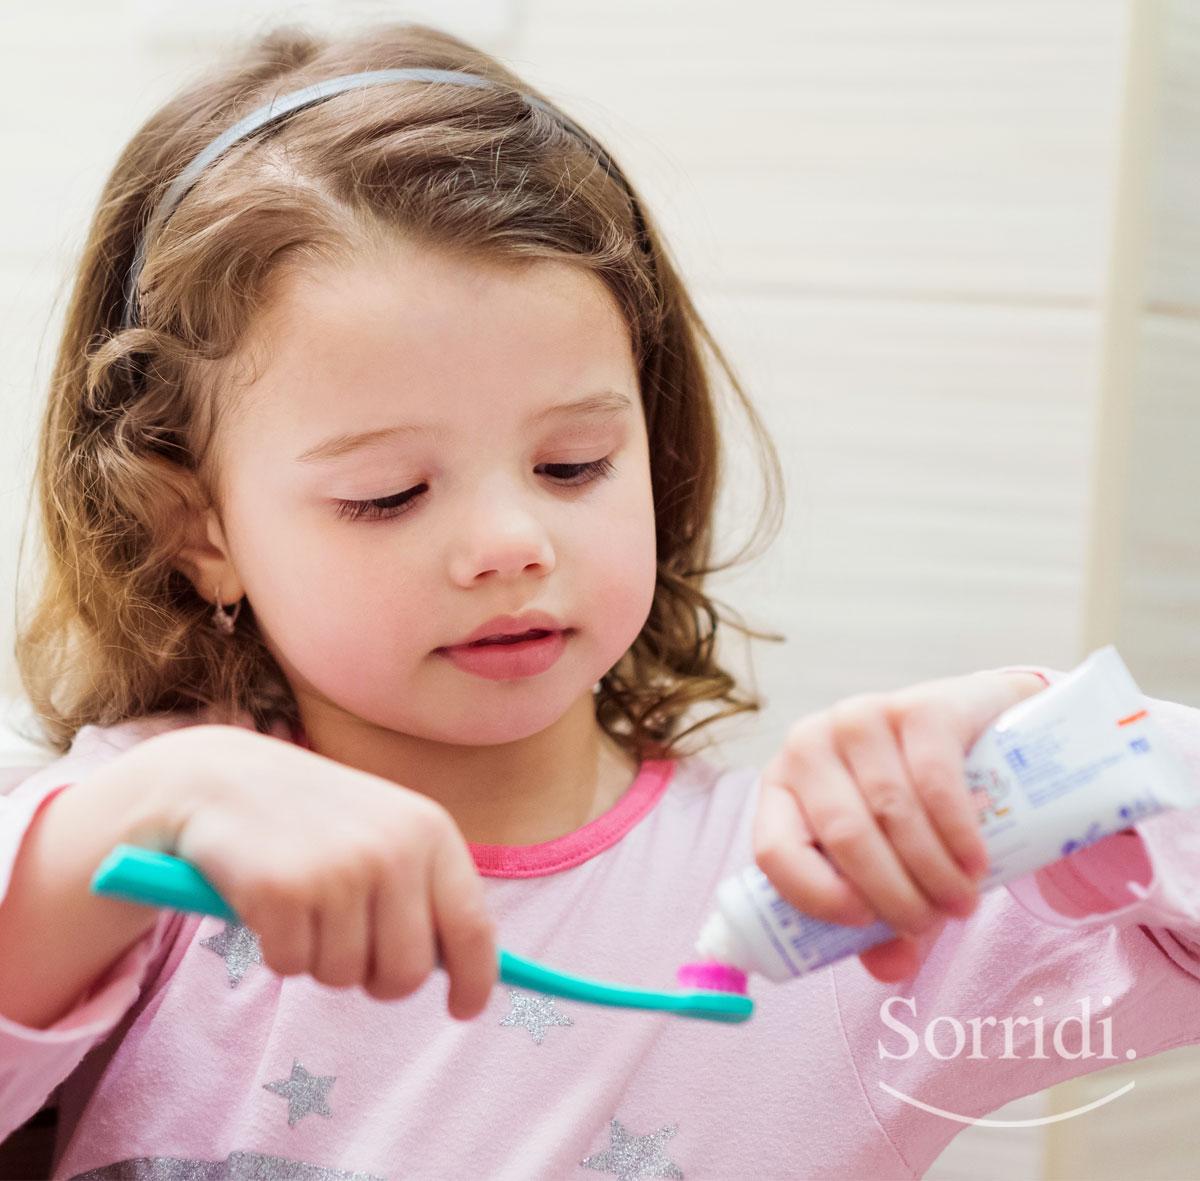 Sorridi-ch-magazine-dentifricio-per-bambini